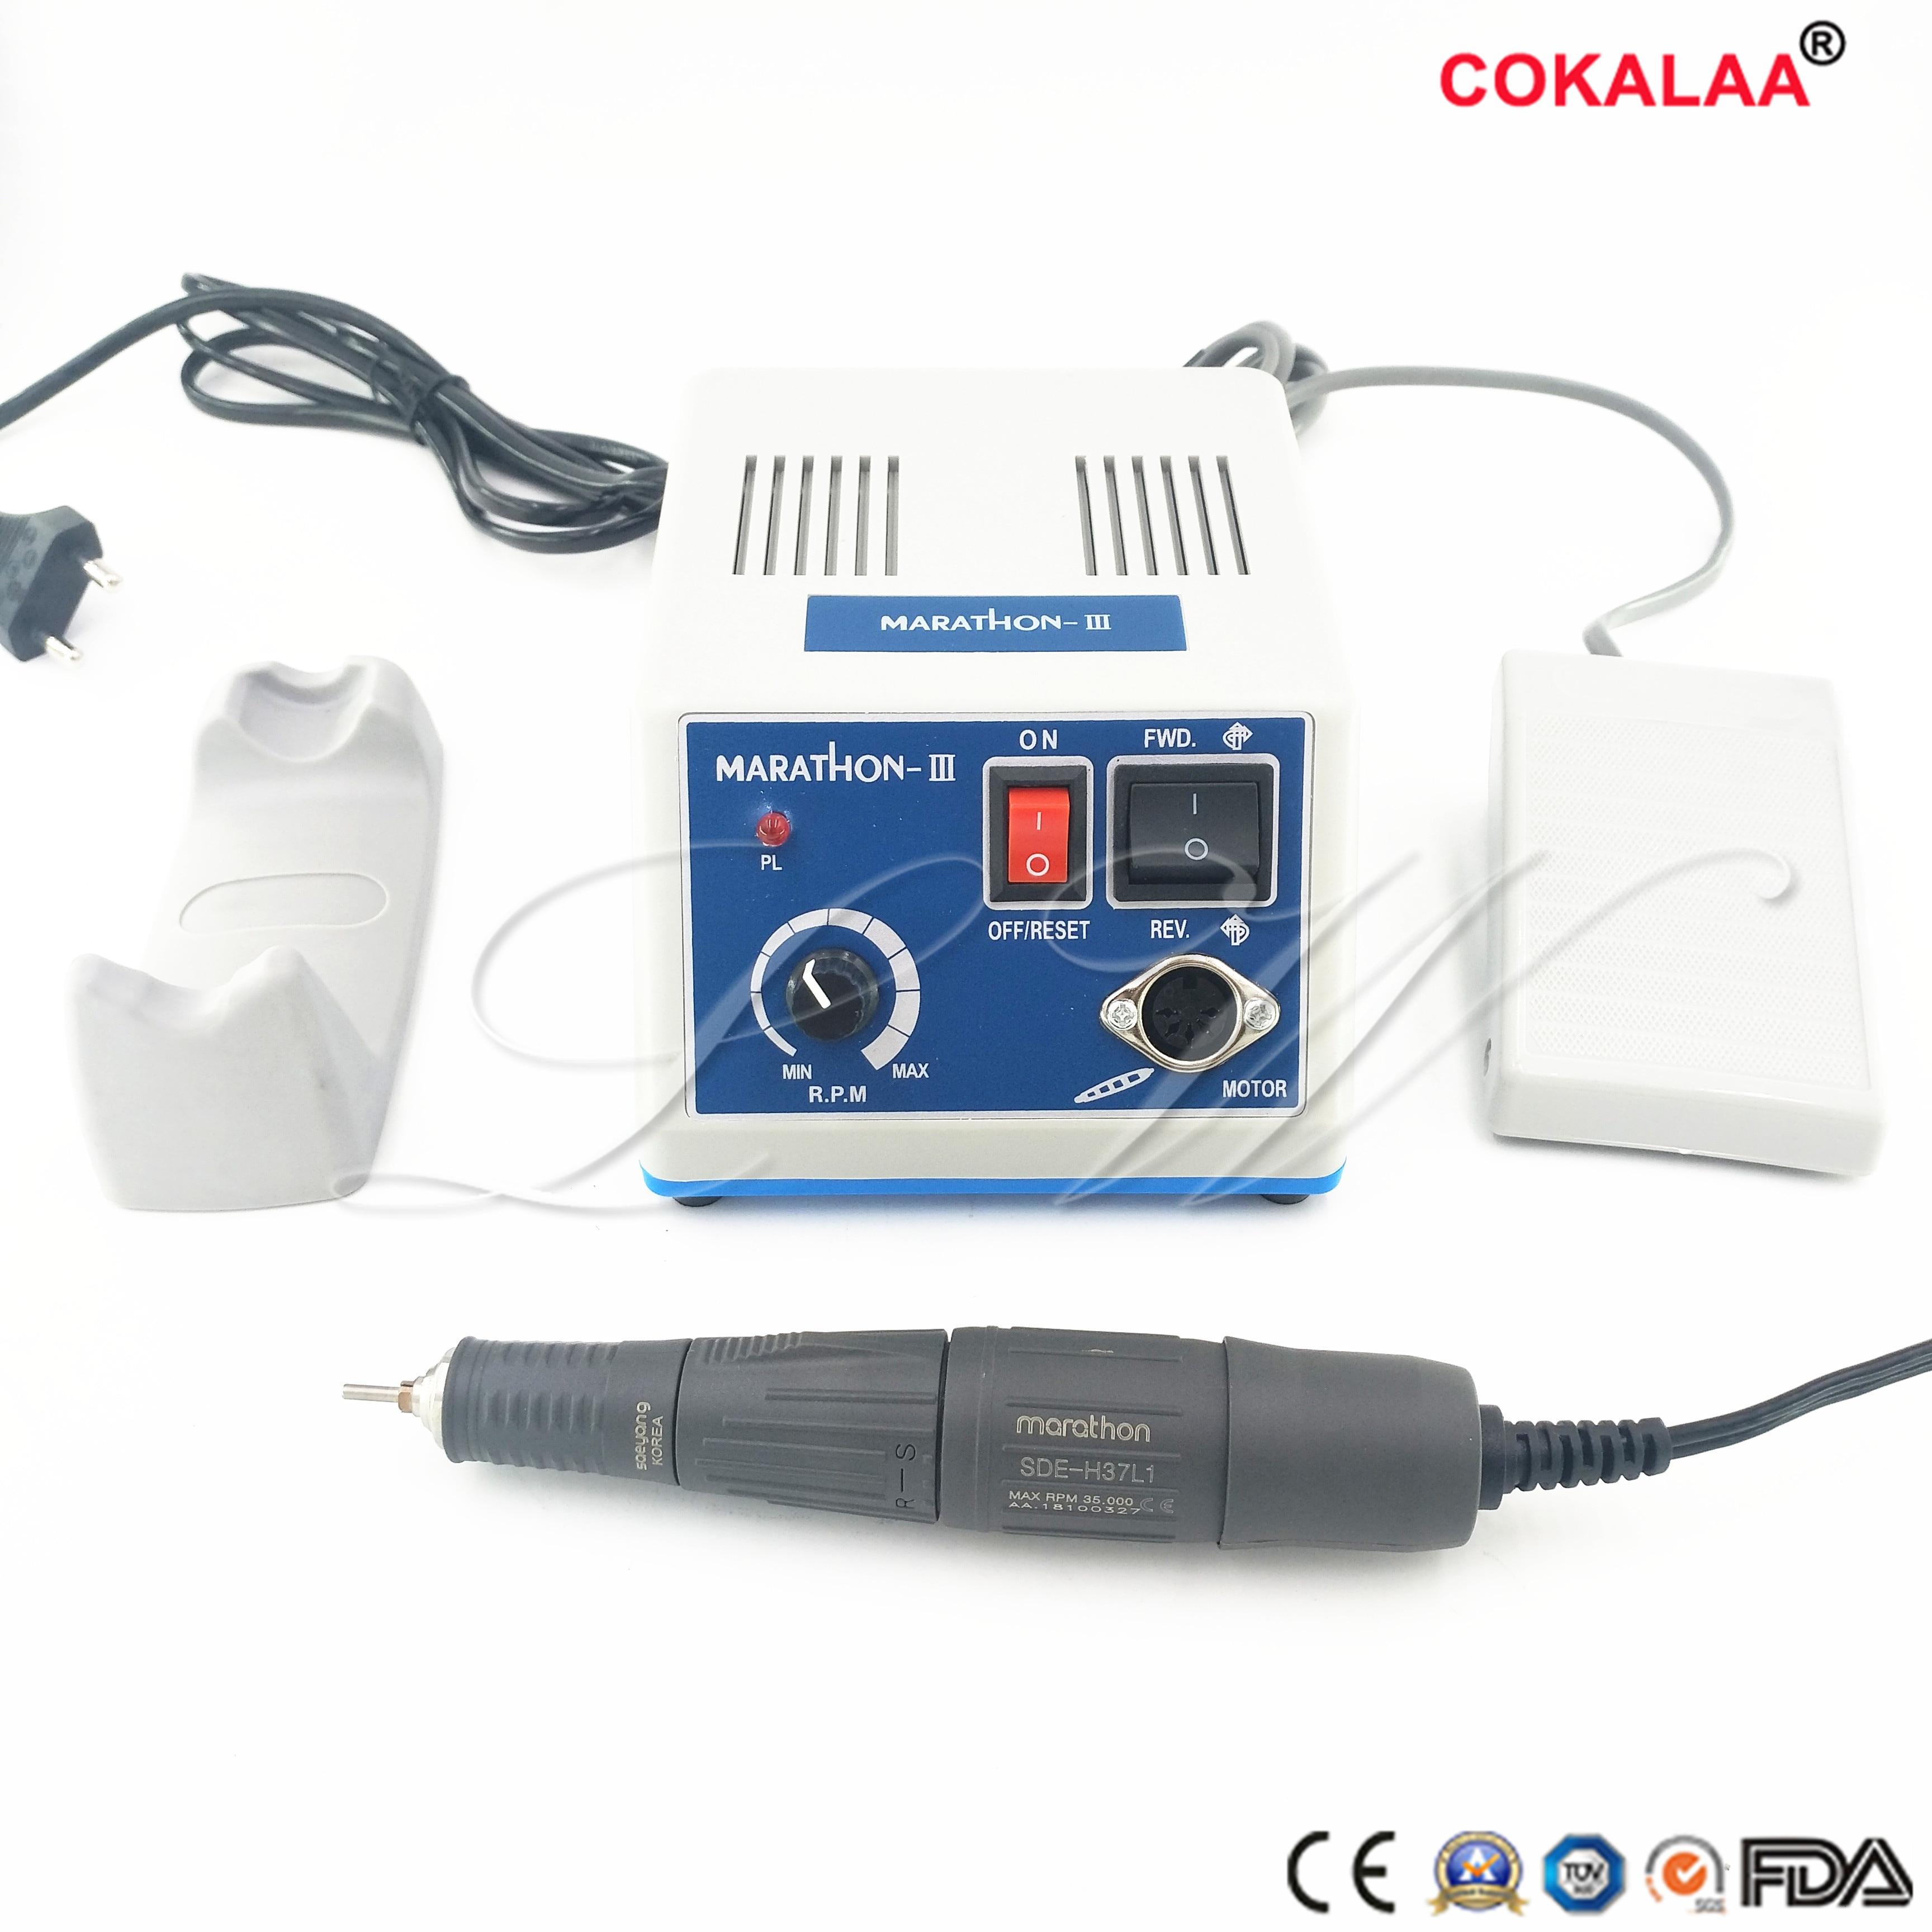 مختبر الأسنان ماراثون آلة محرك دقيق N3 + 35K RPM, بقبضة تلميع 110/220V شحن مجاني